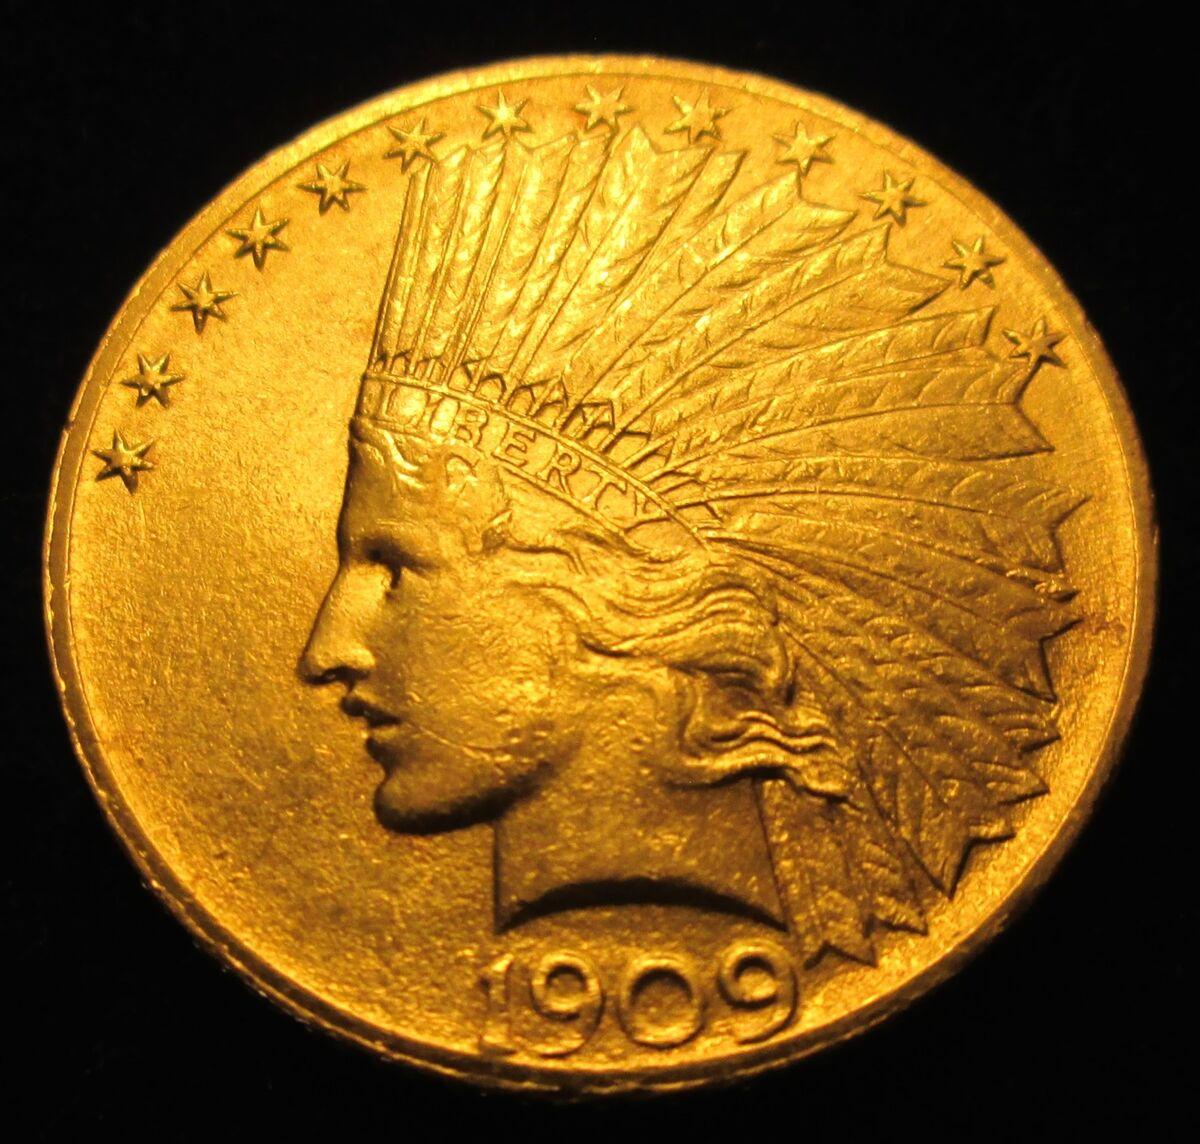 Central Bay Coin